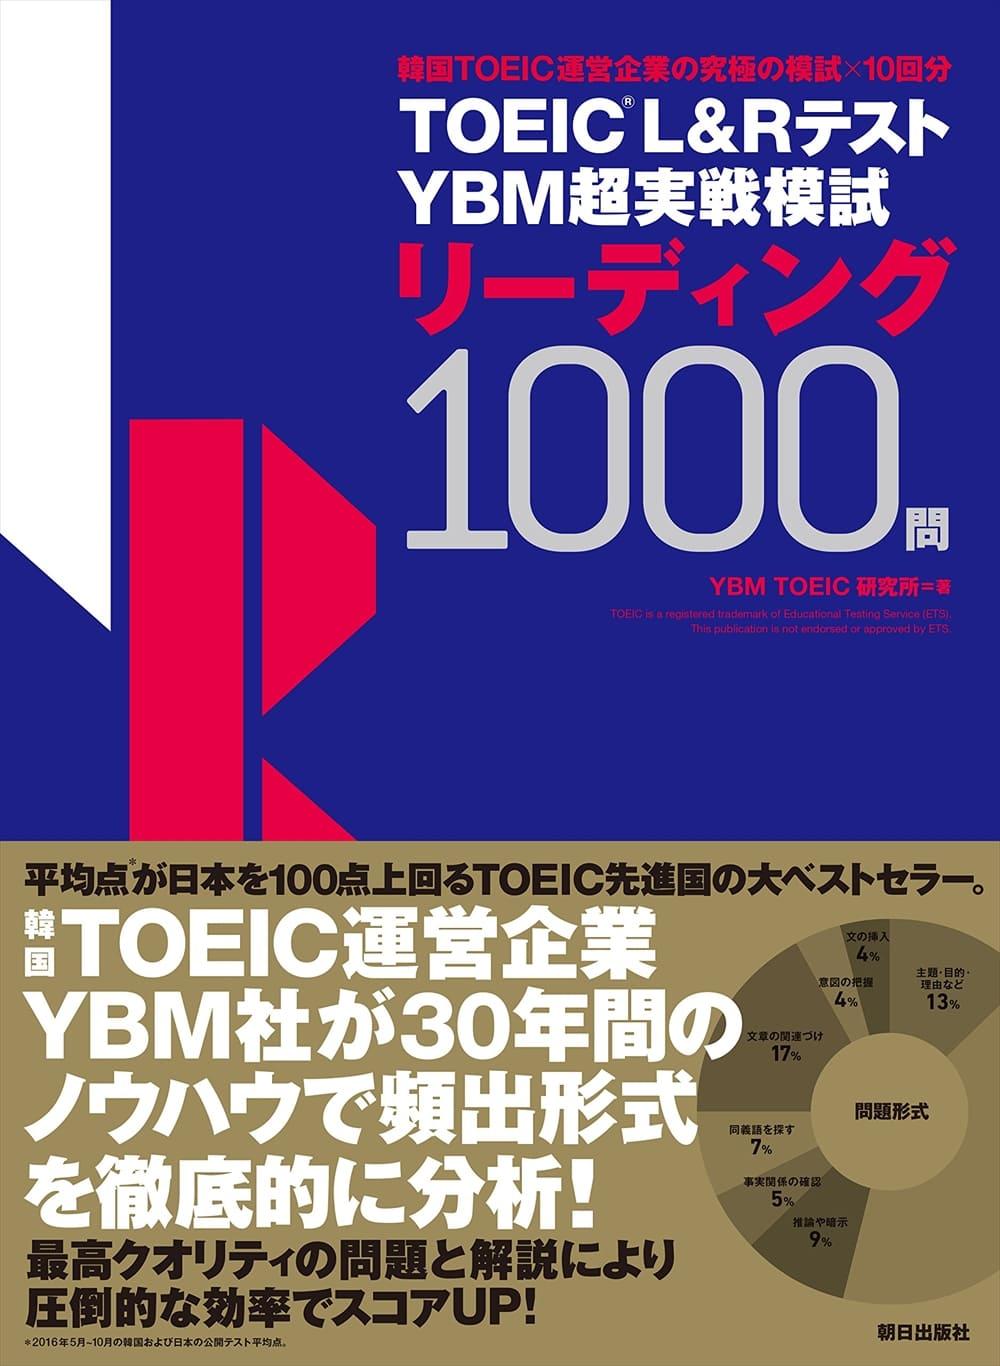 TOEIC(R) L&Rテスト<br/>YBM超実戦模試リーディング1000問